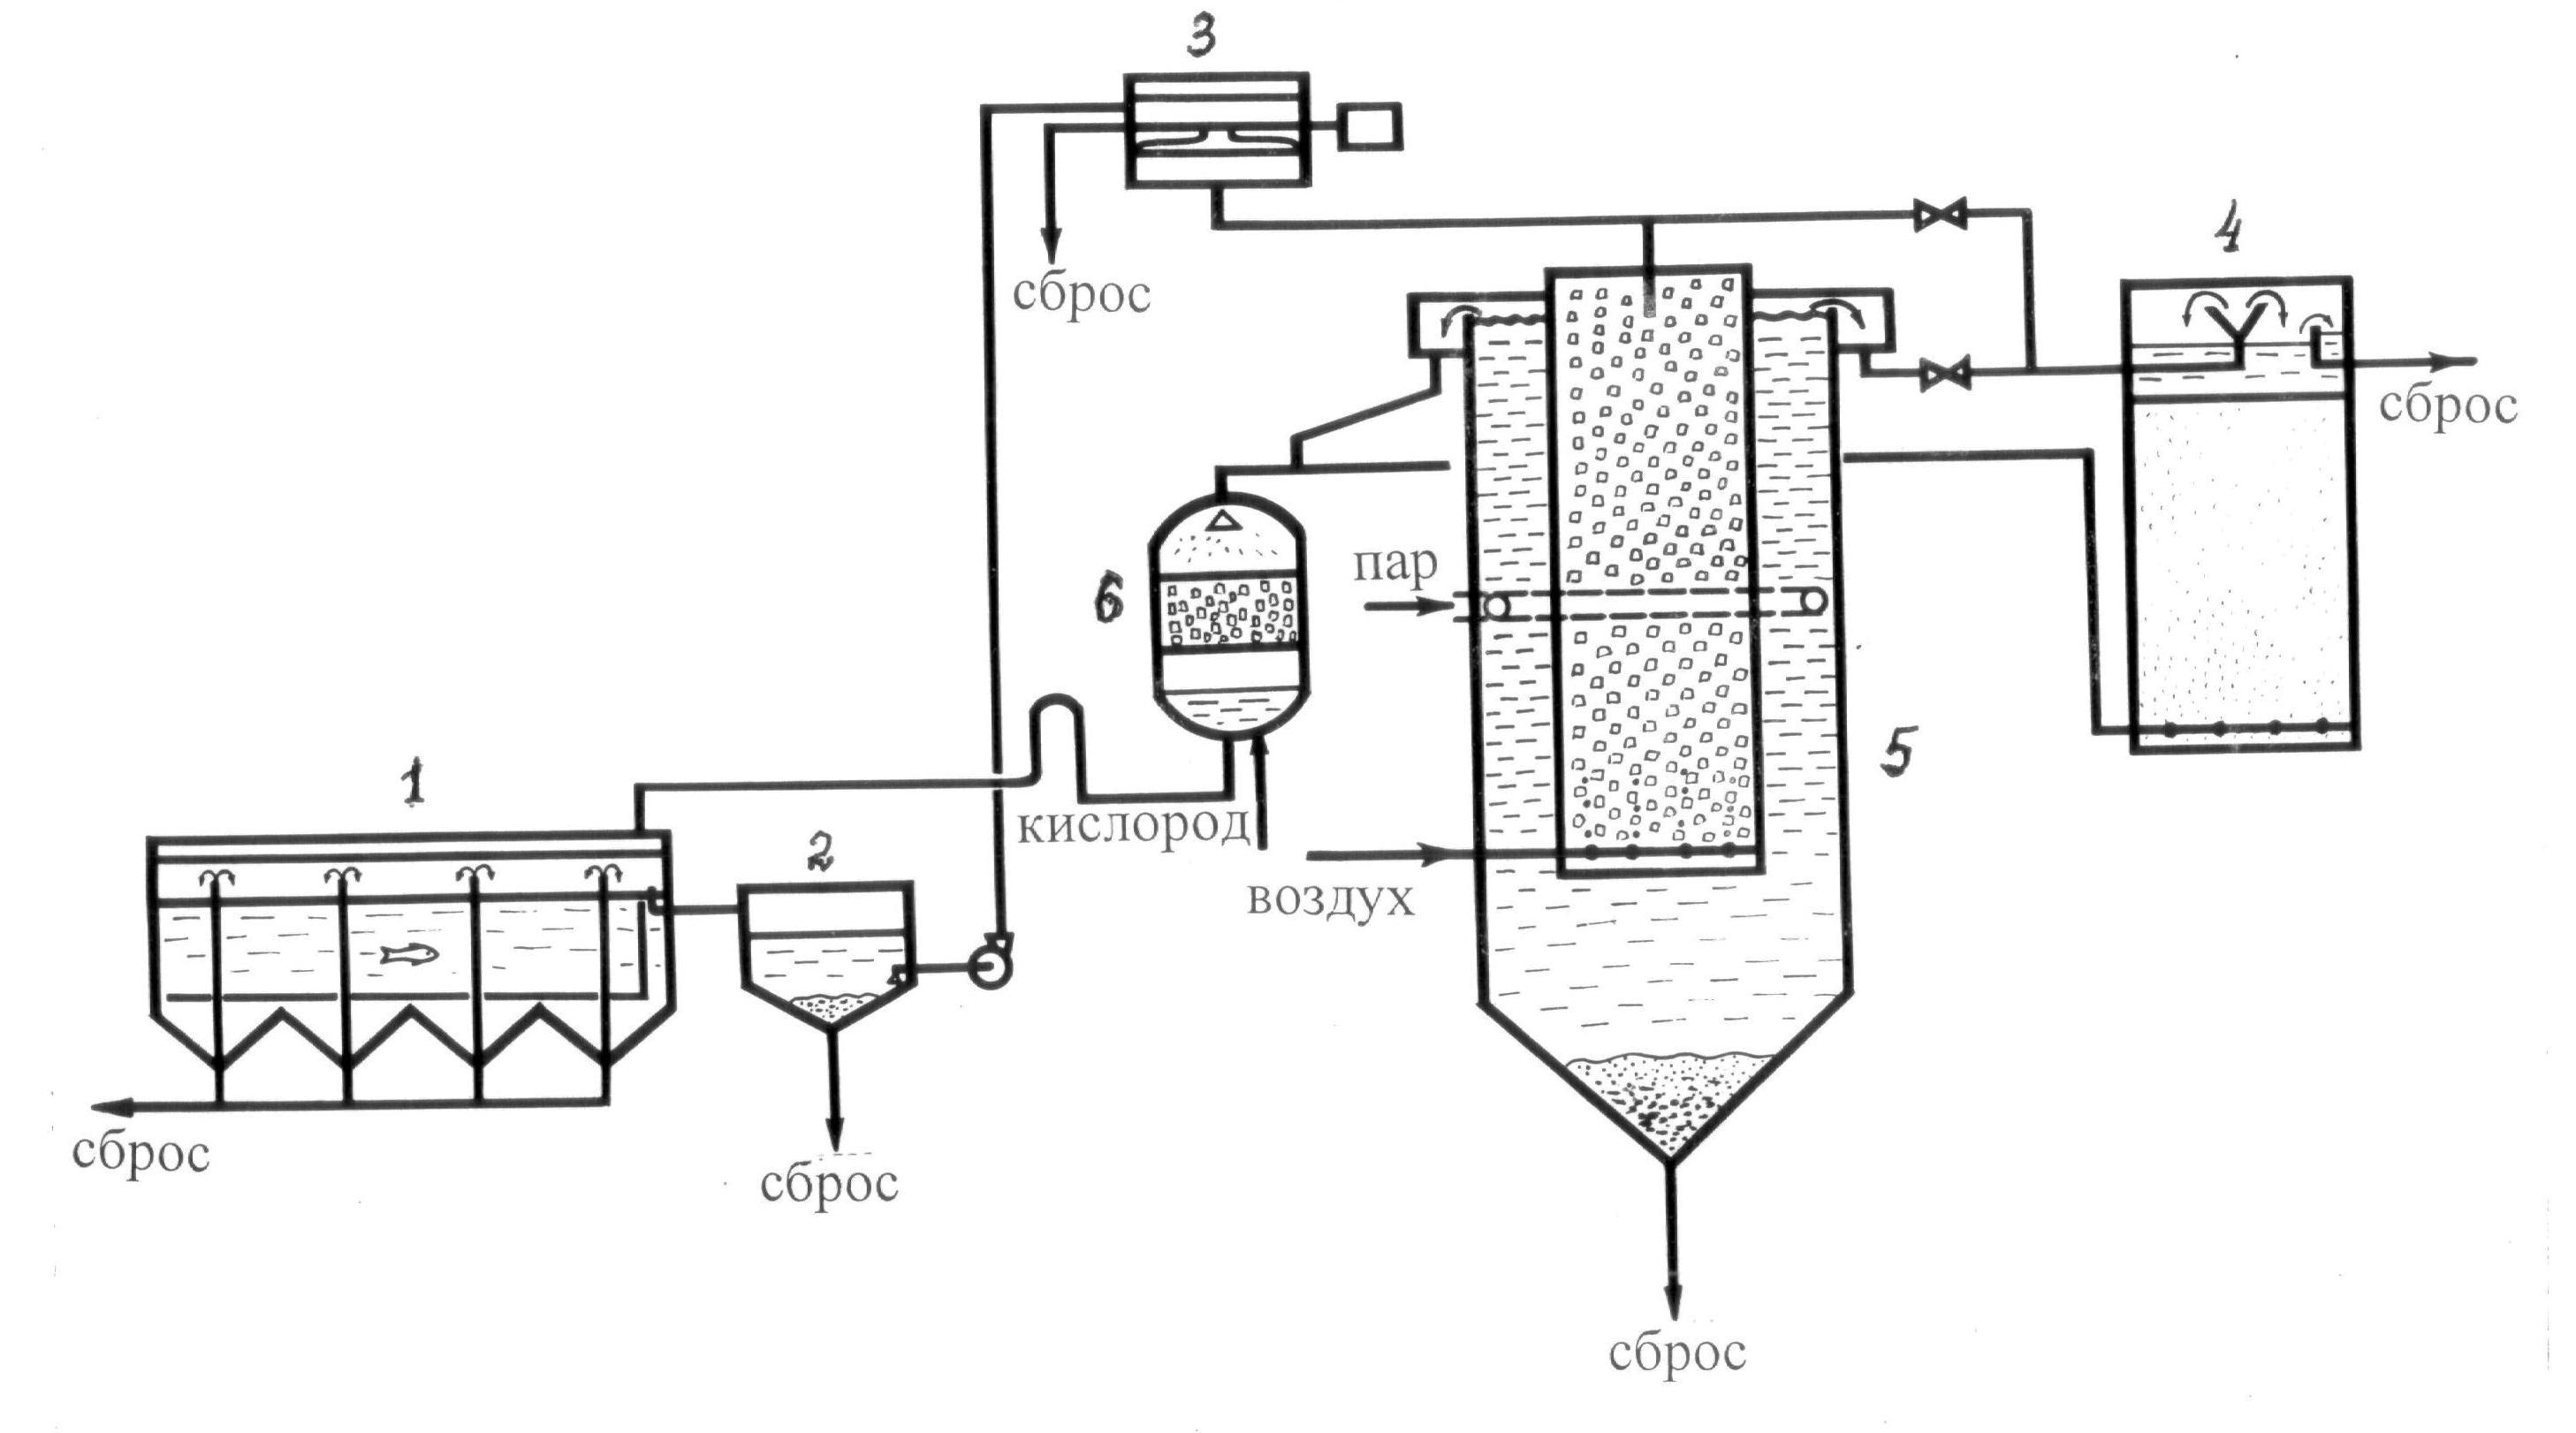 word image 628 Разработка инновационной биотехнологии производства экологически чистой рыбы, отвечающей требованиям продукта функционального питания, в высокотехнологичной индустриальной аквакультуре